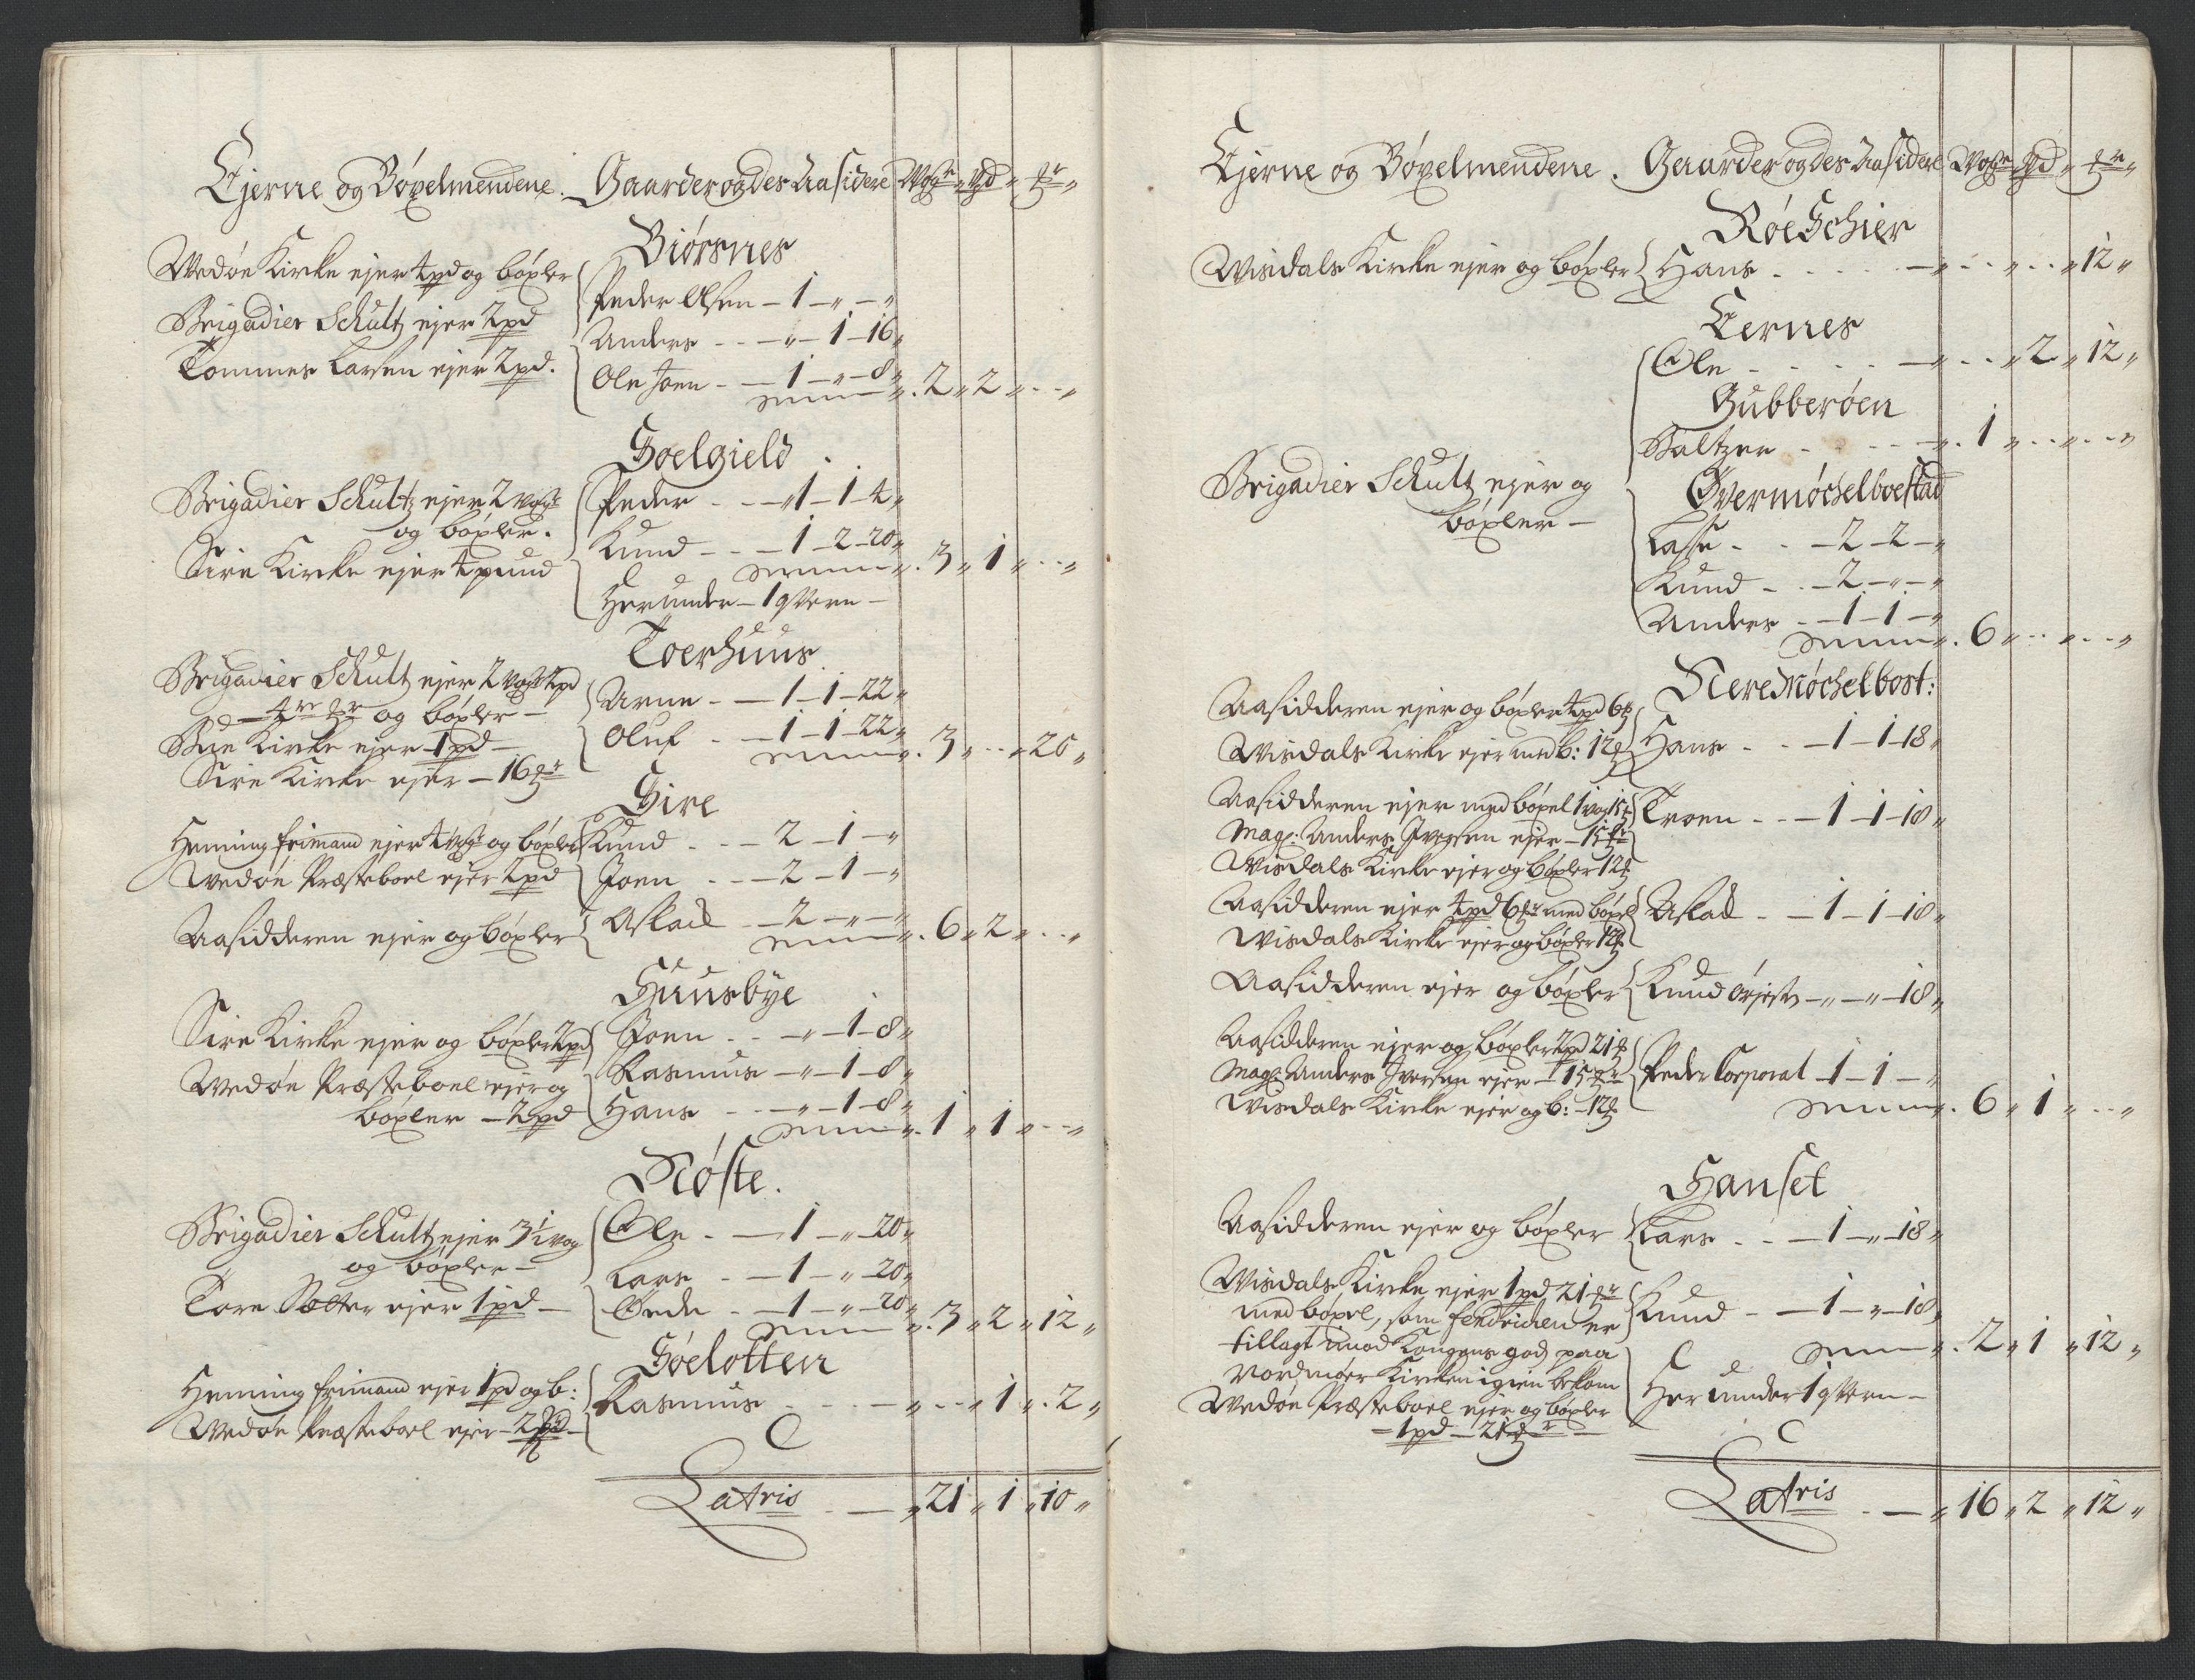 RA, Rentekammeret inntil 1814, Reviderte regnskaper, Fogderegnskap, R55/L3658: Fogderegnskap Romsdal, 1707-1708, p. 30